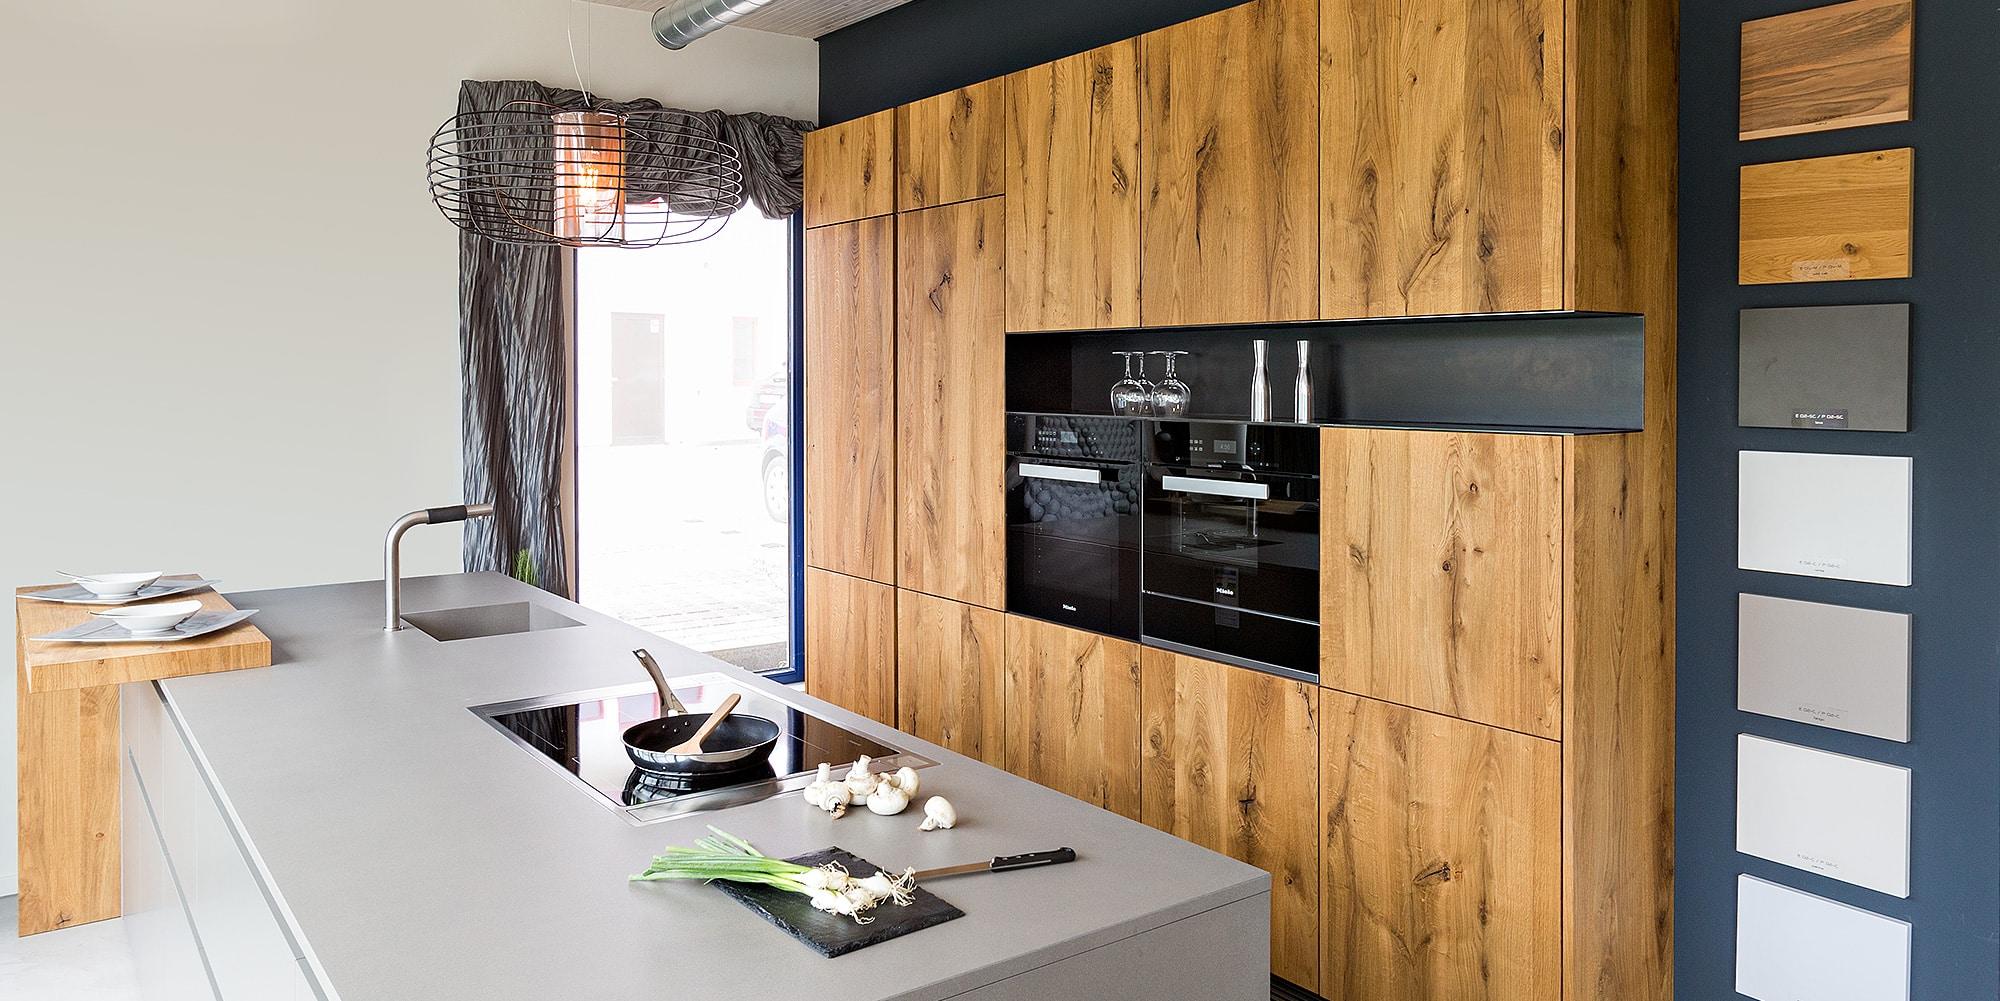 startseite baumann k chen. Black Bedroom Furniture Sets. Home Design Ideas